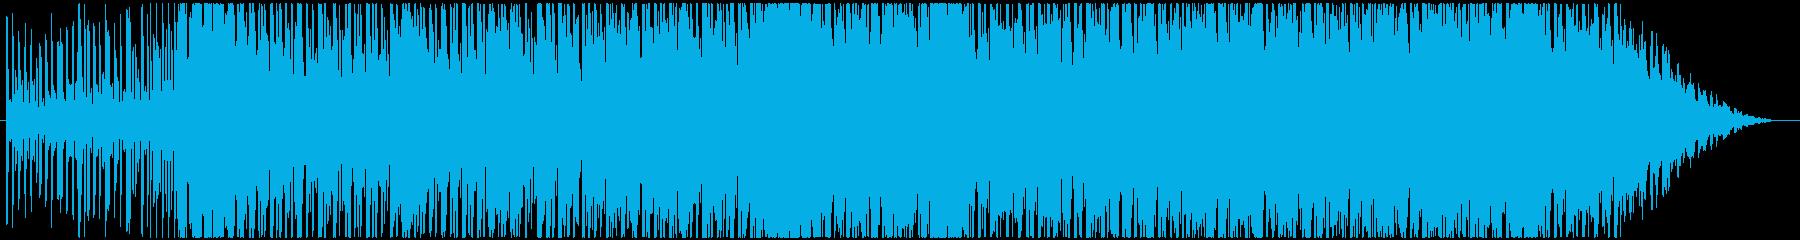 シンセ系です。の再生済みの波形